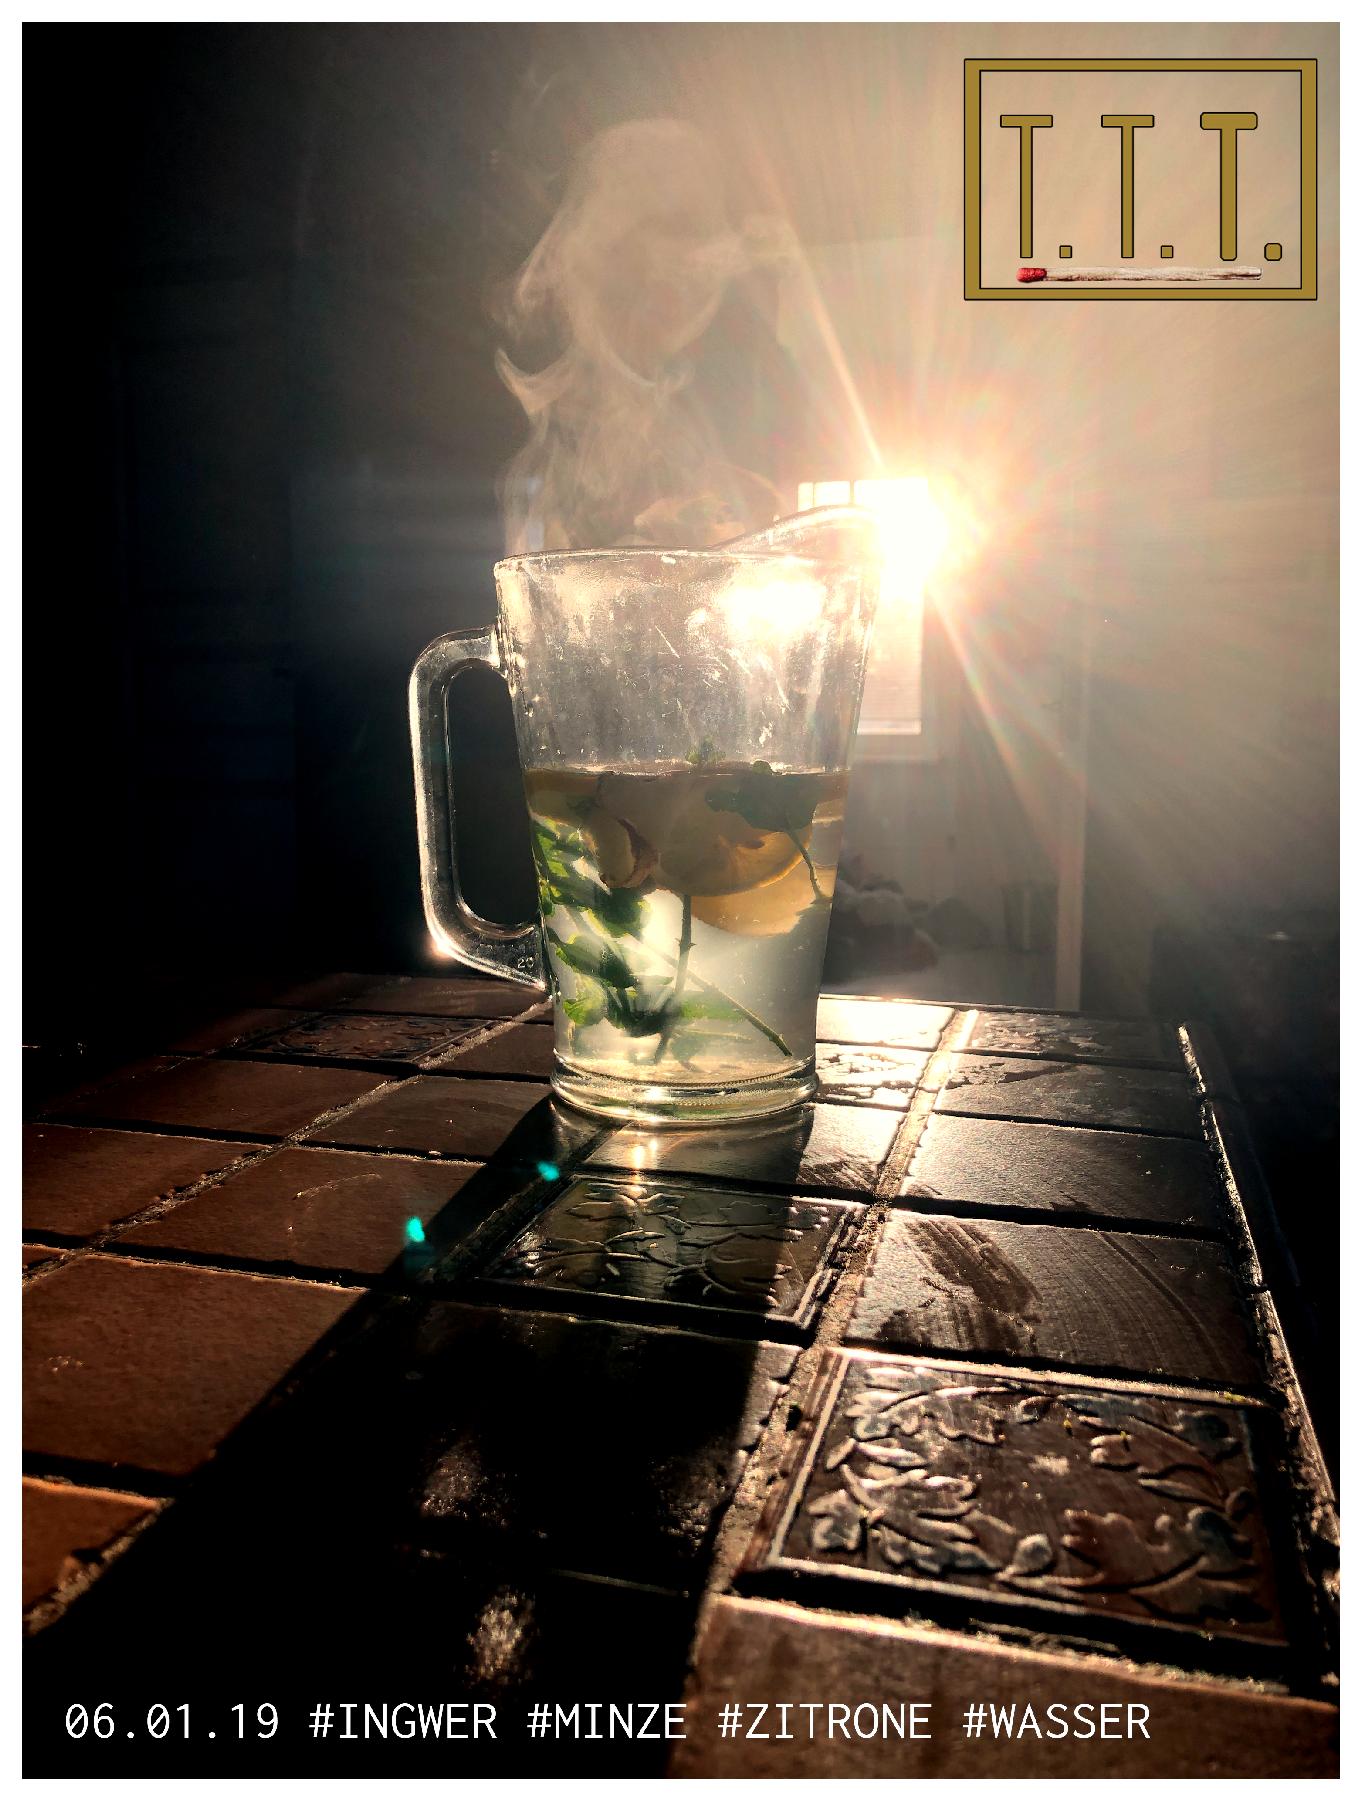 06.01.19 #Ingwer #Minze #Zitrone #Wasser